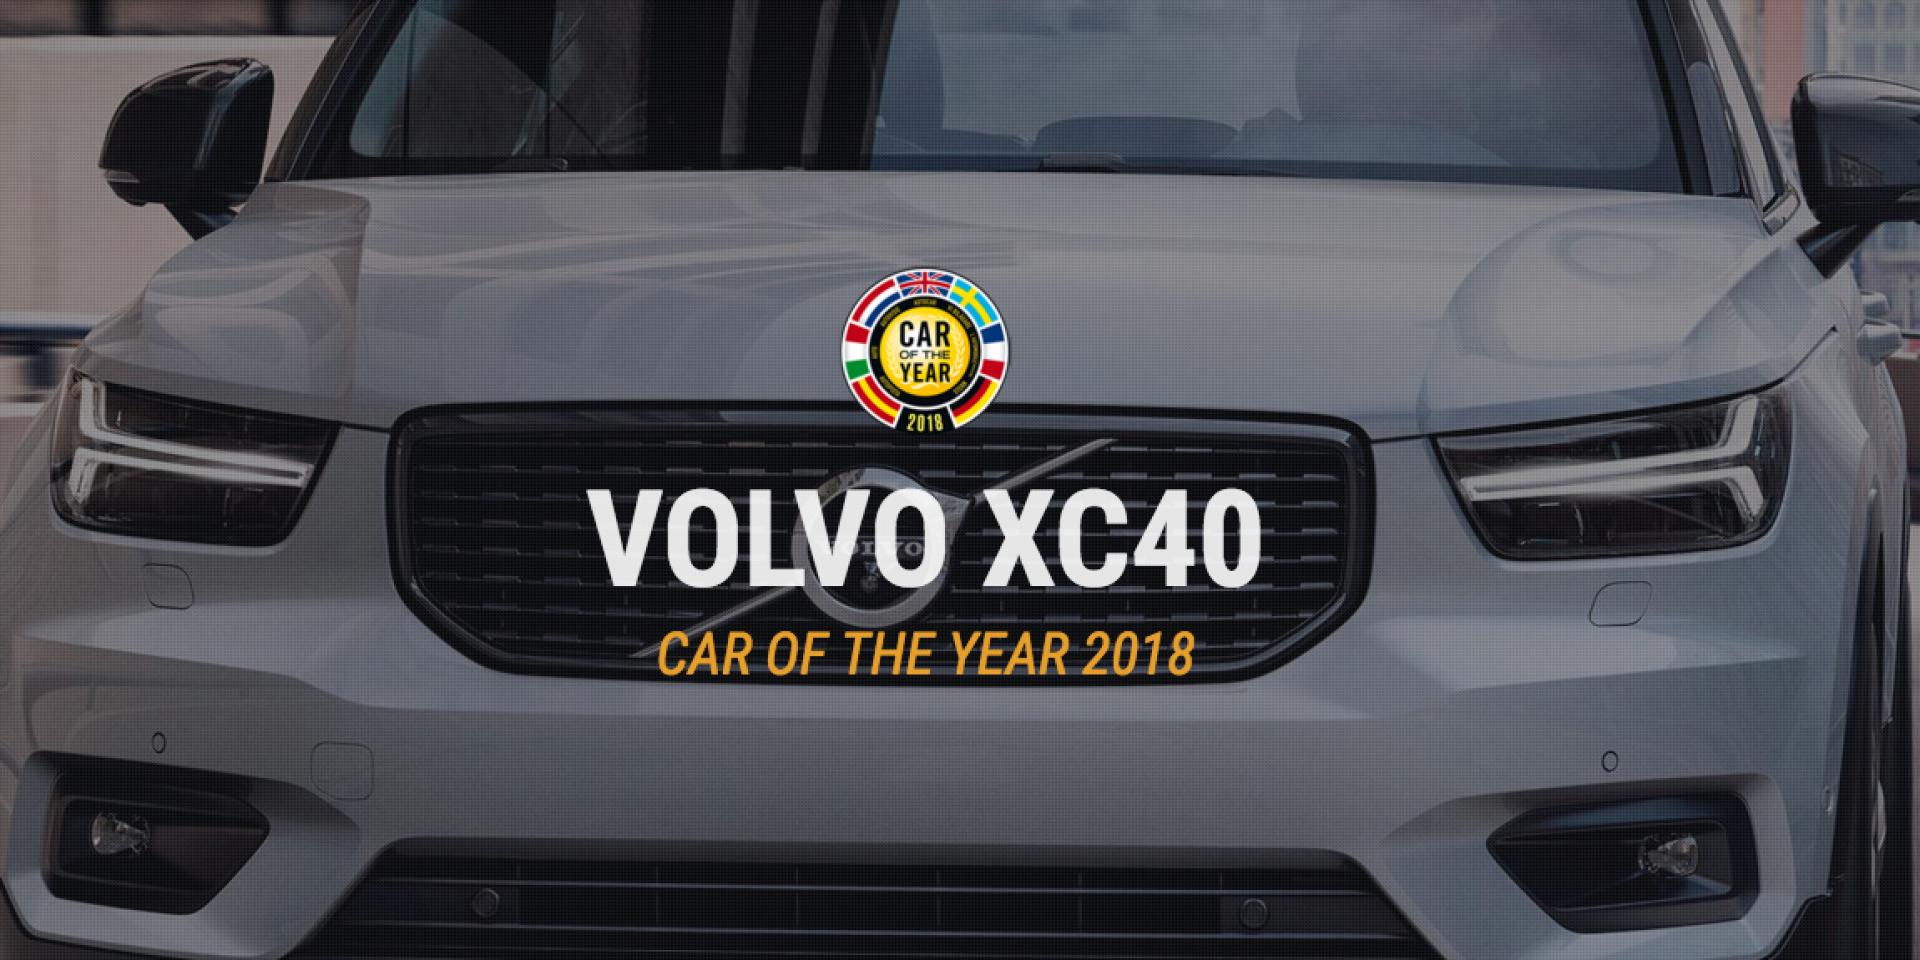 超強實力傲視群雄,Volvo XC40榮獲歐洲年度風雲車寶座